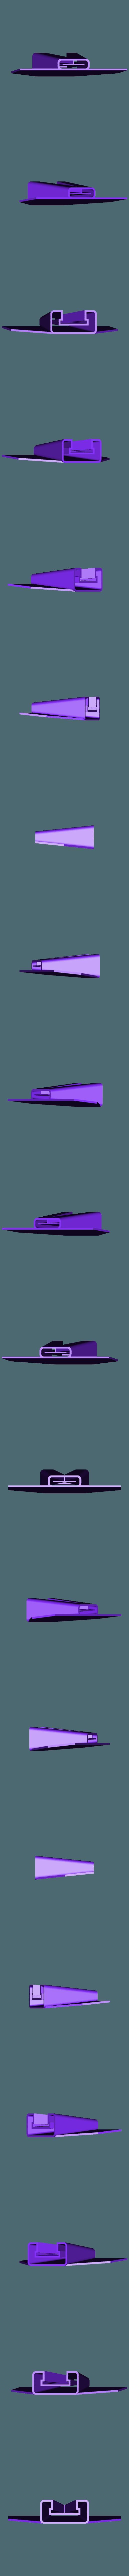 3cm_BiasTape_Q2_wings.stl Download free STL file 3cm / 3.5cm / 4cm / 5cm Simple Bias Tape Maker, zakladac pasku • 3D printable template, ongaroo